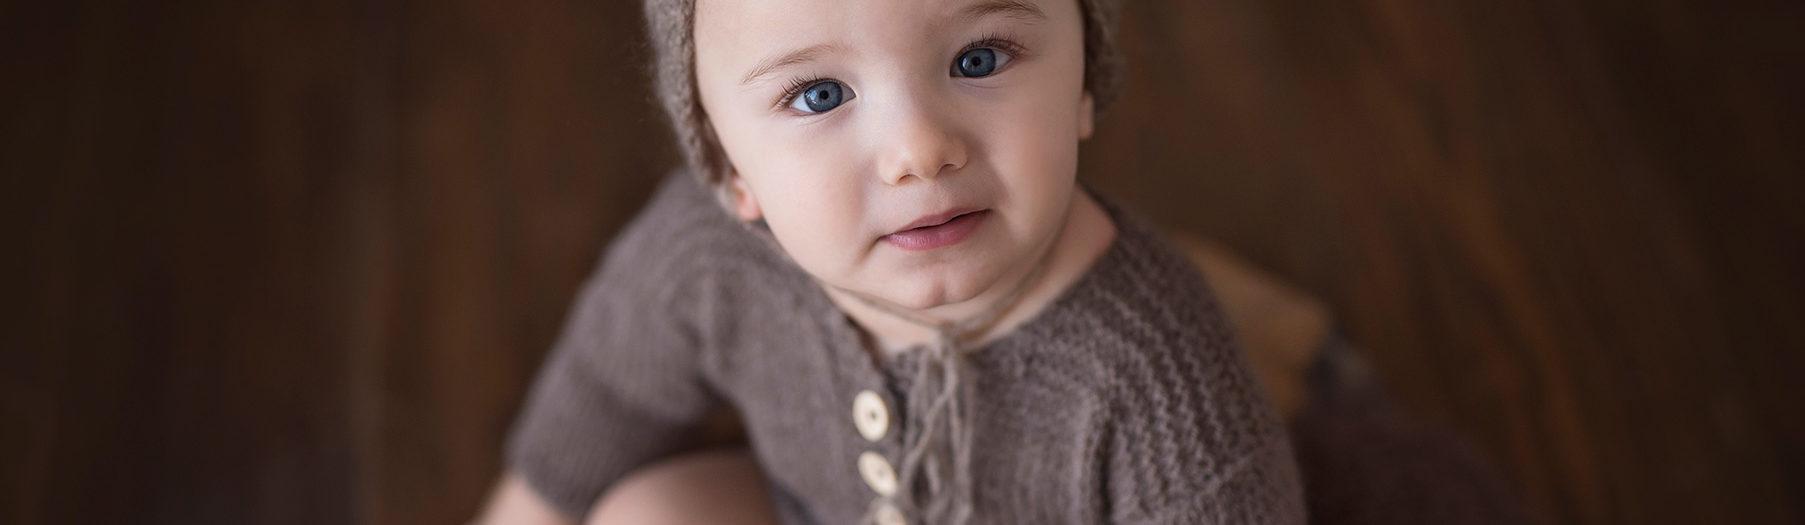 Jacopo, 1 anno